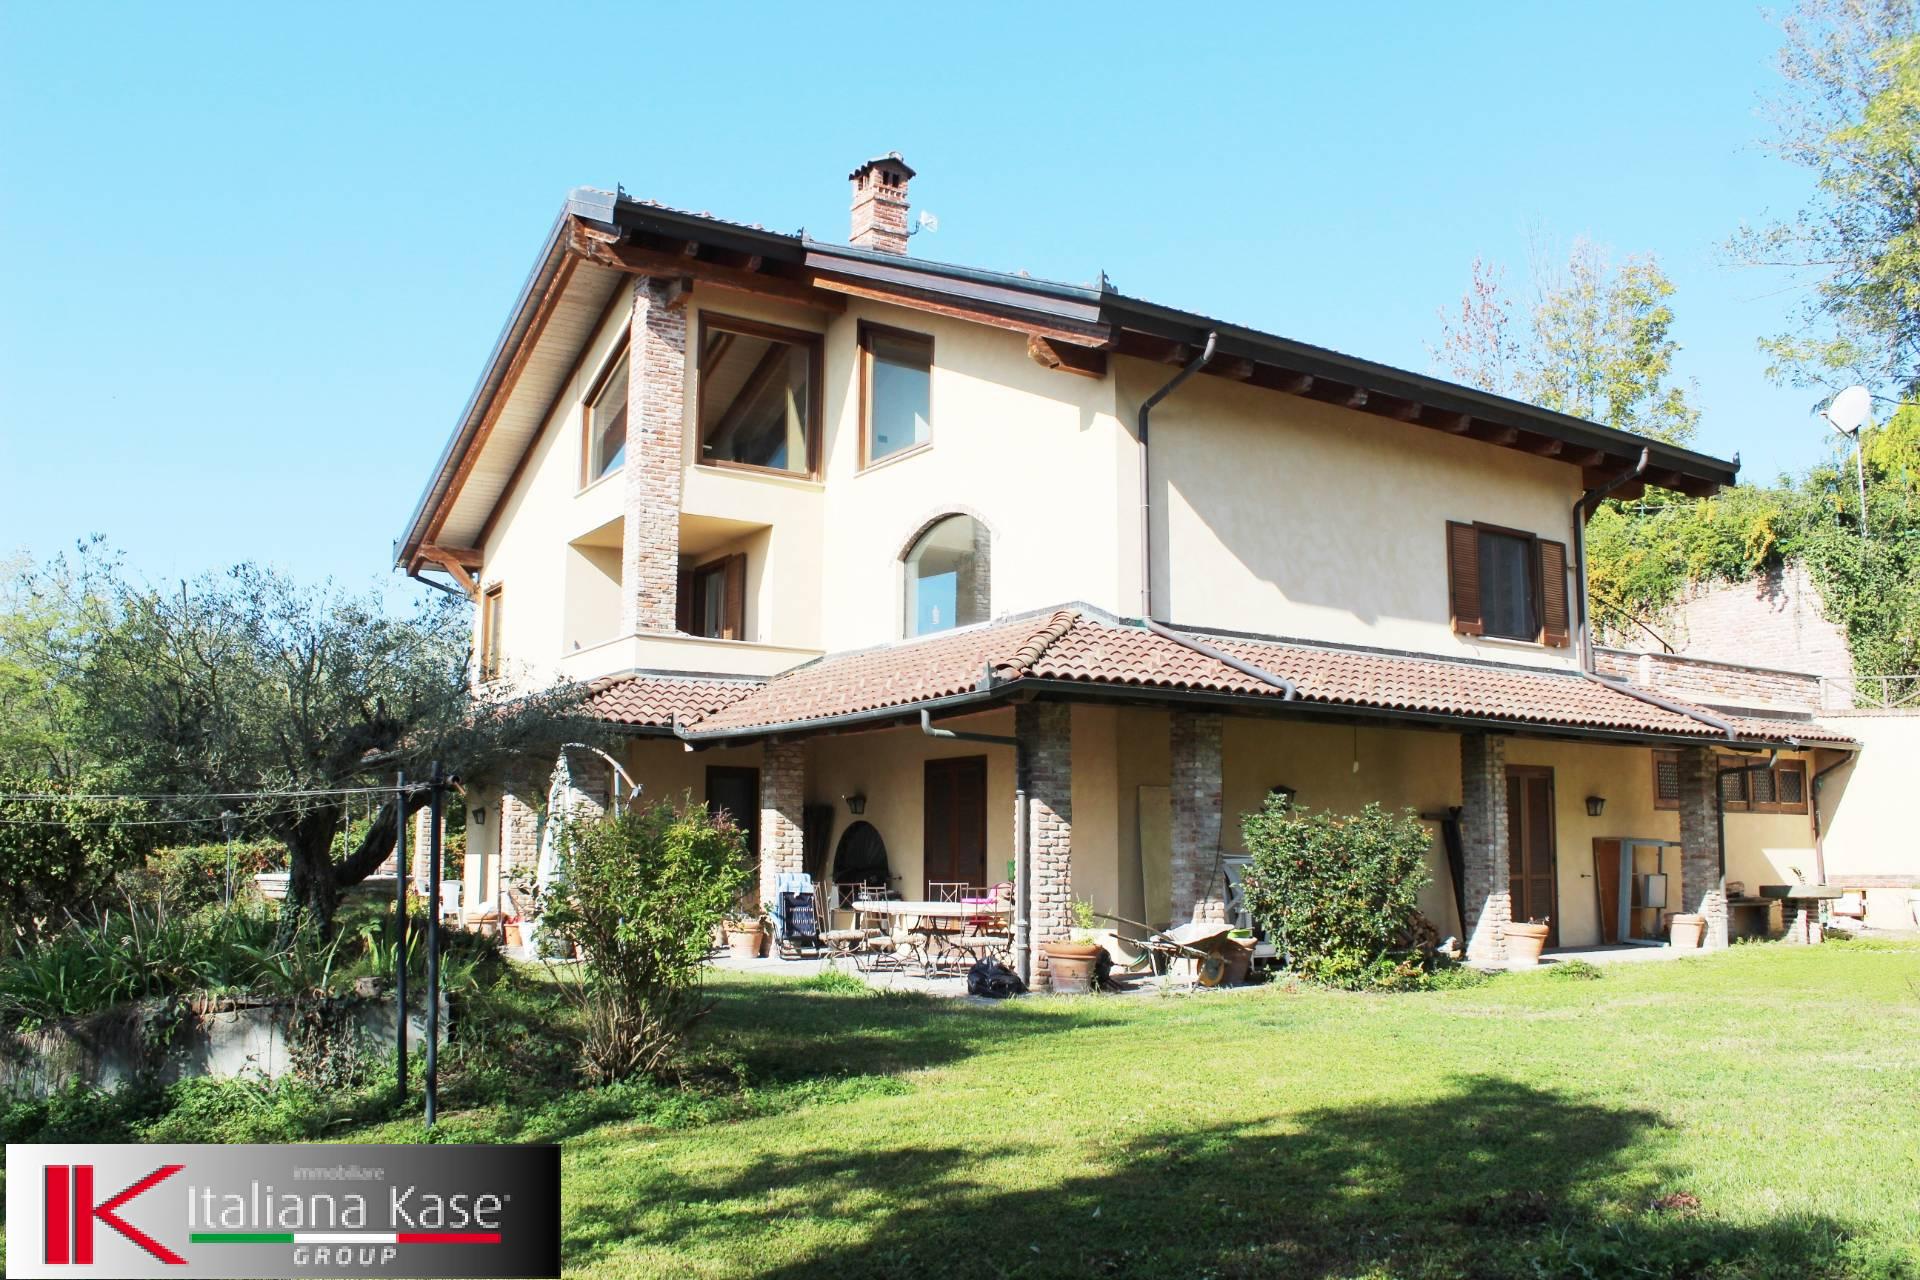 Villa in vendita a Marentino, 11 locali, prezzo € 429.000 | CambioCasa.it